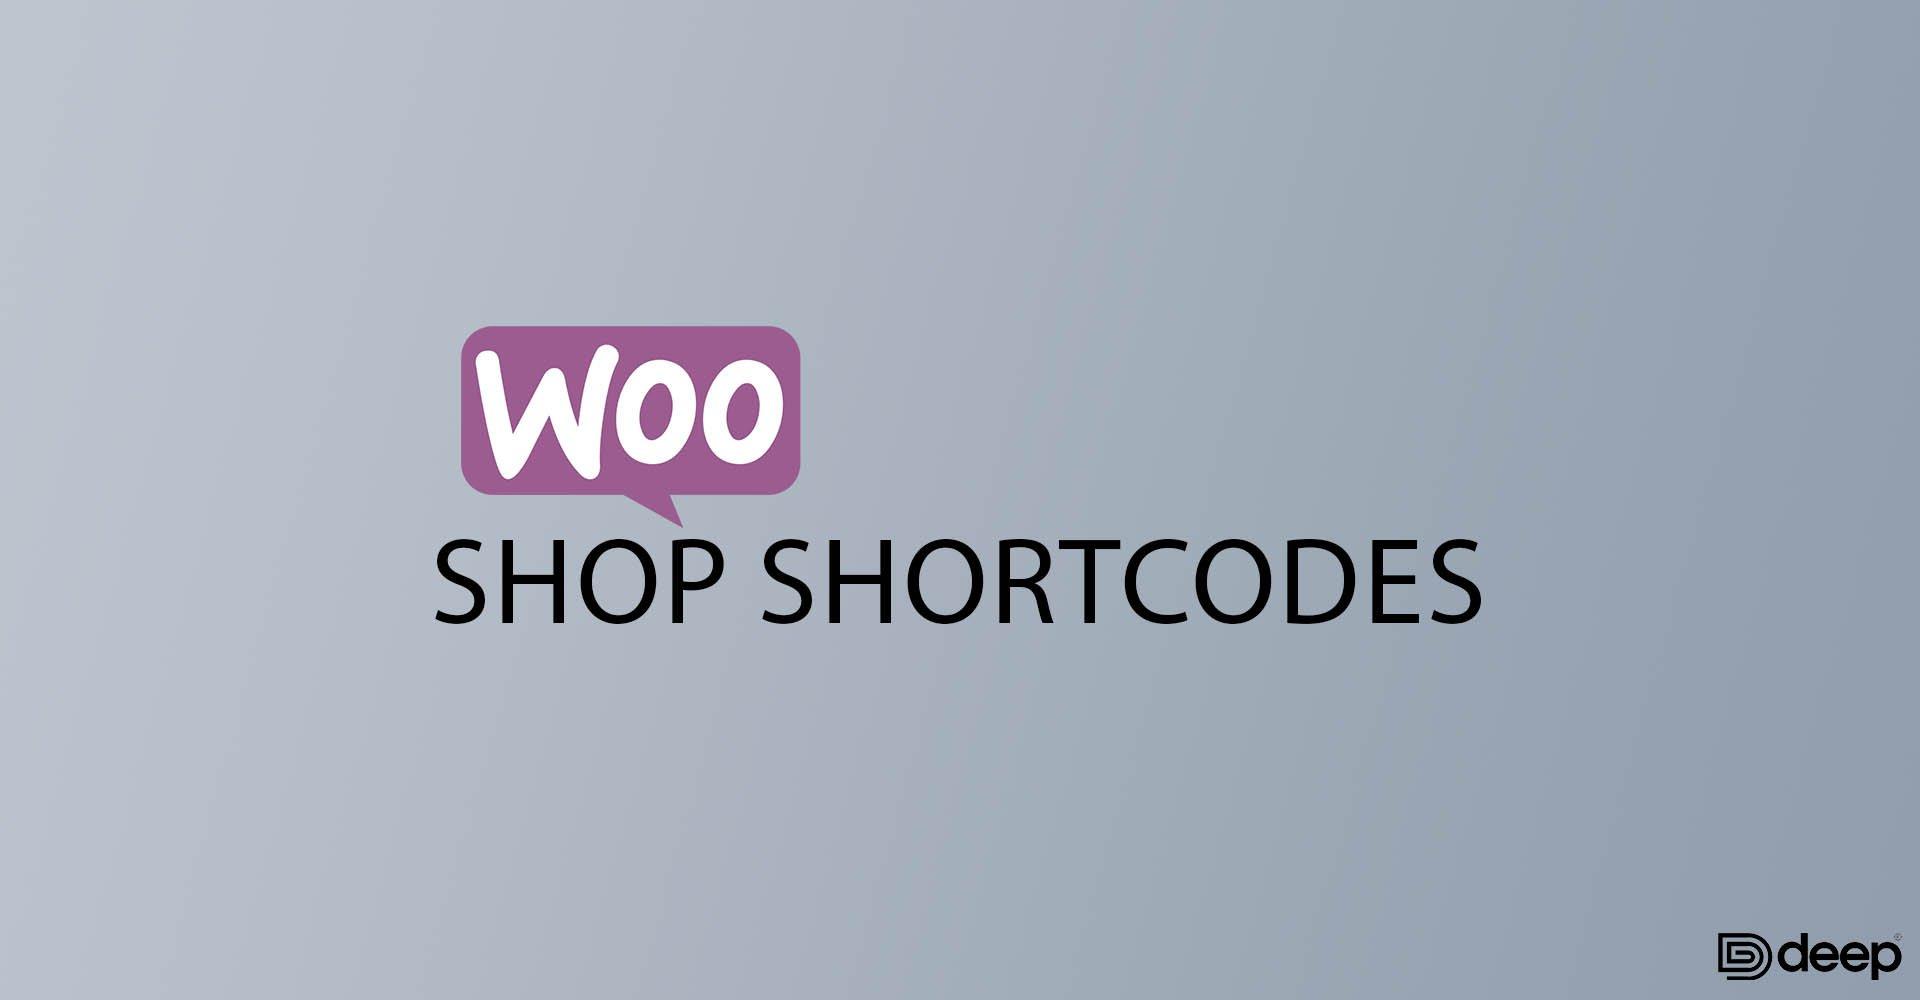 Shop Shortcodes